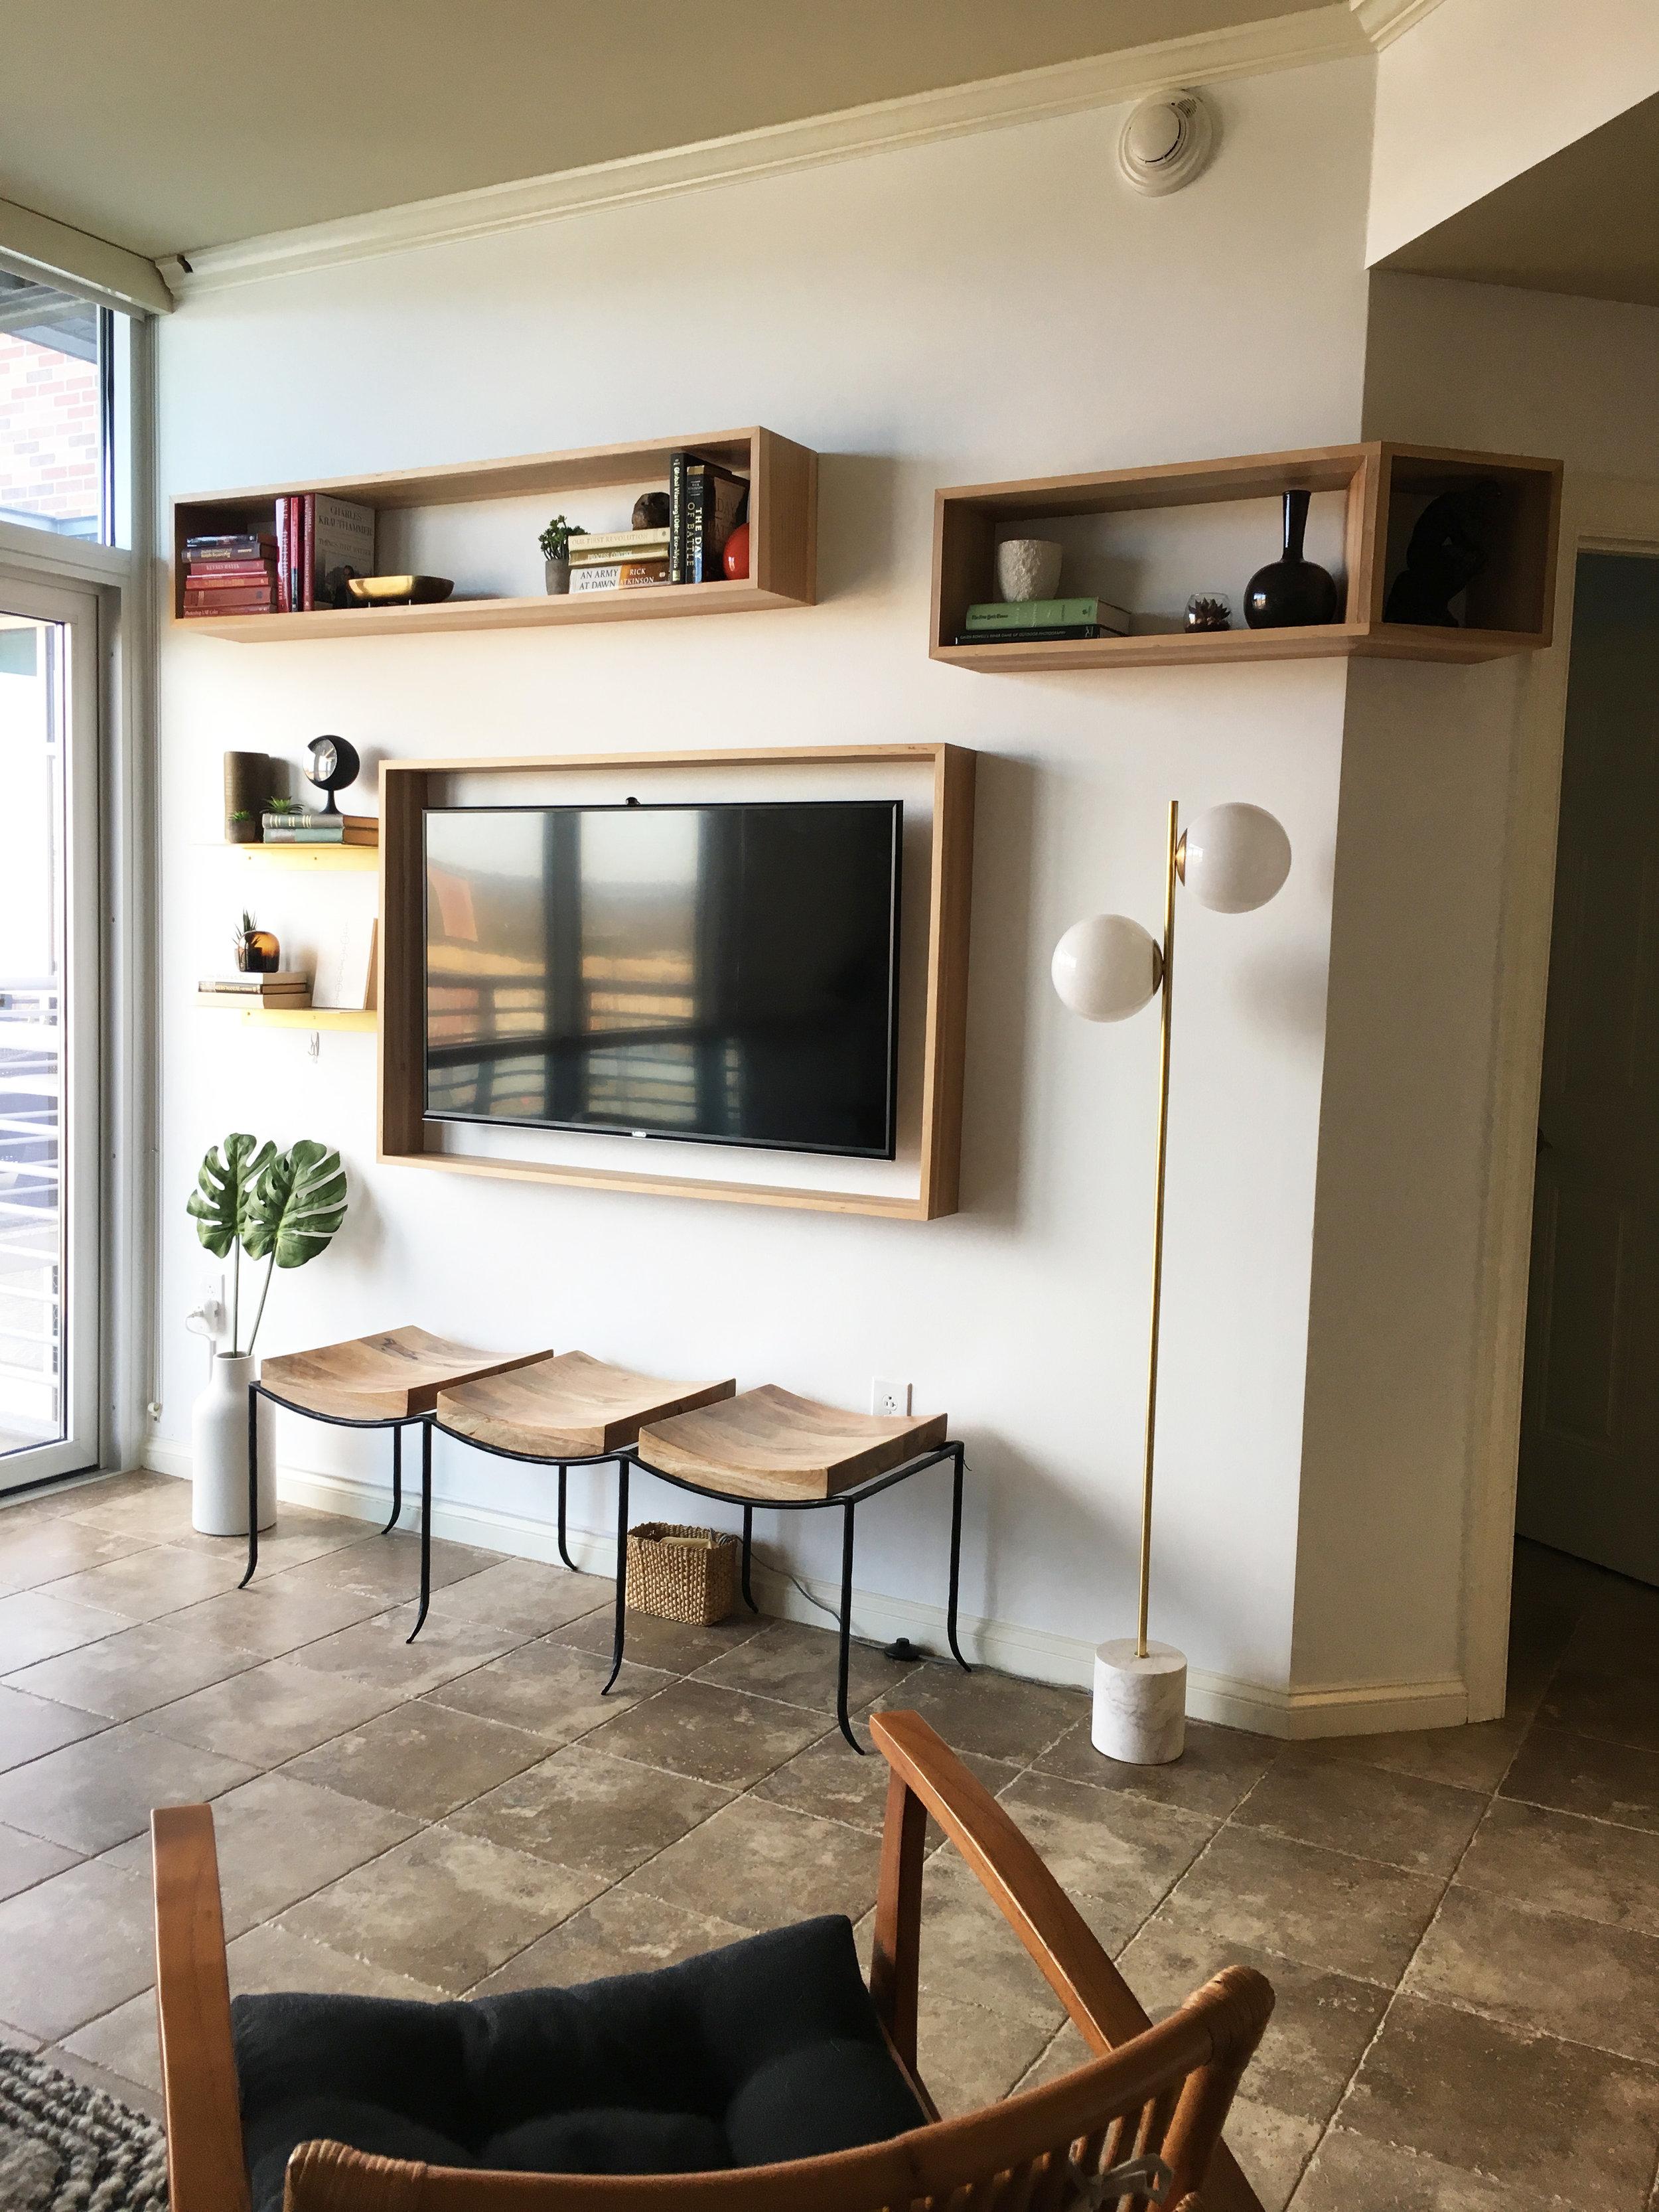 Custom built floating shelves